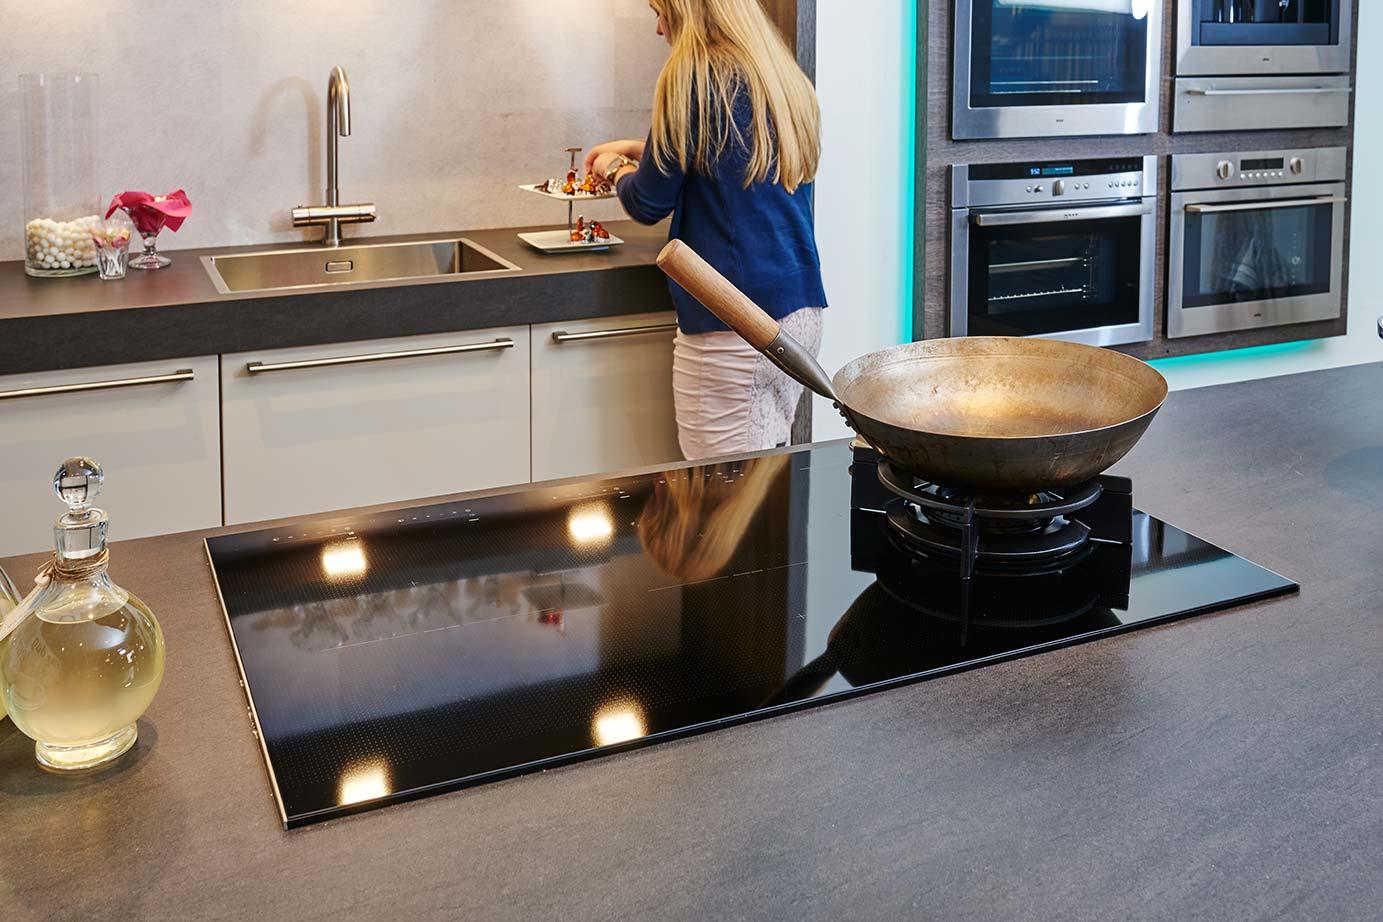 Keuken Kleur Veranderen : Keukenrenovatie in heel nederland met eigen monteurs db keukens